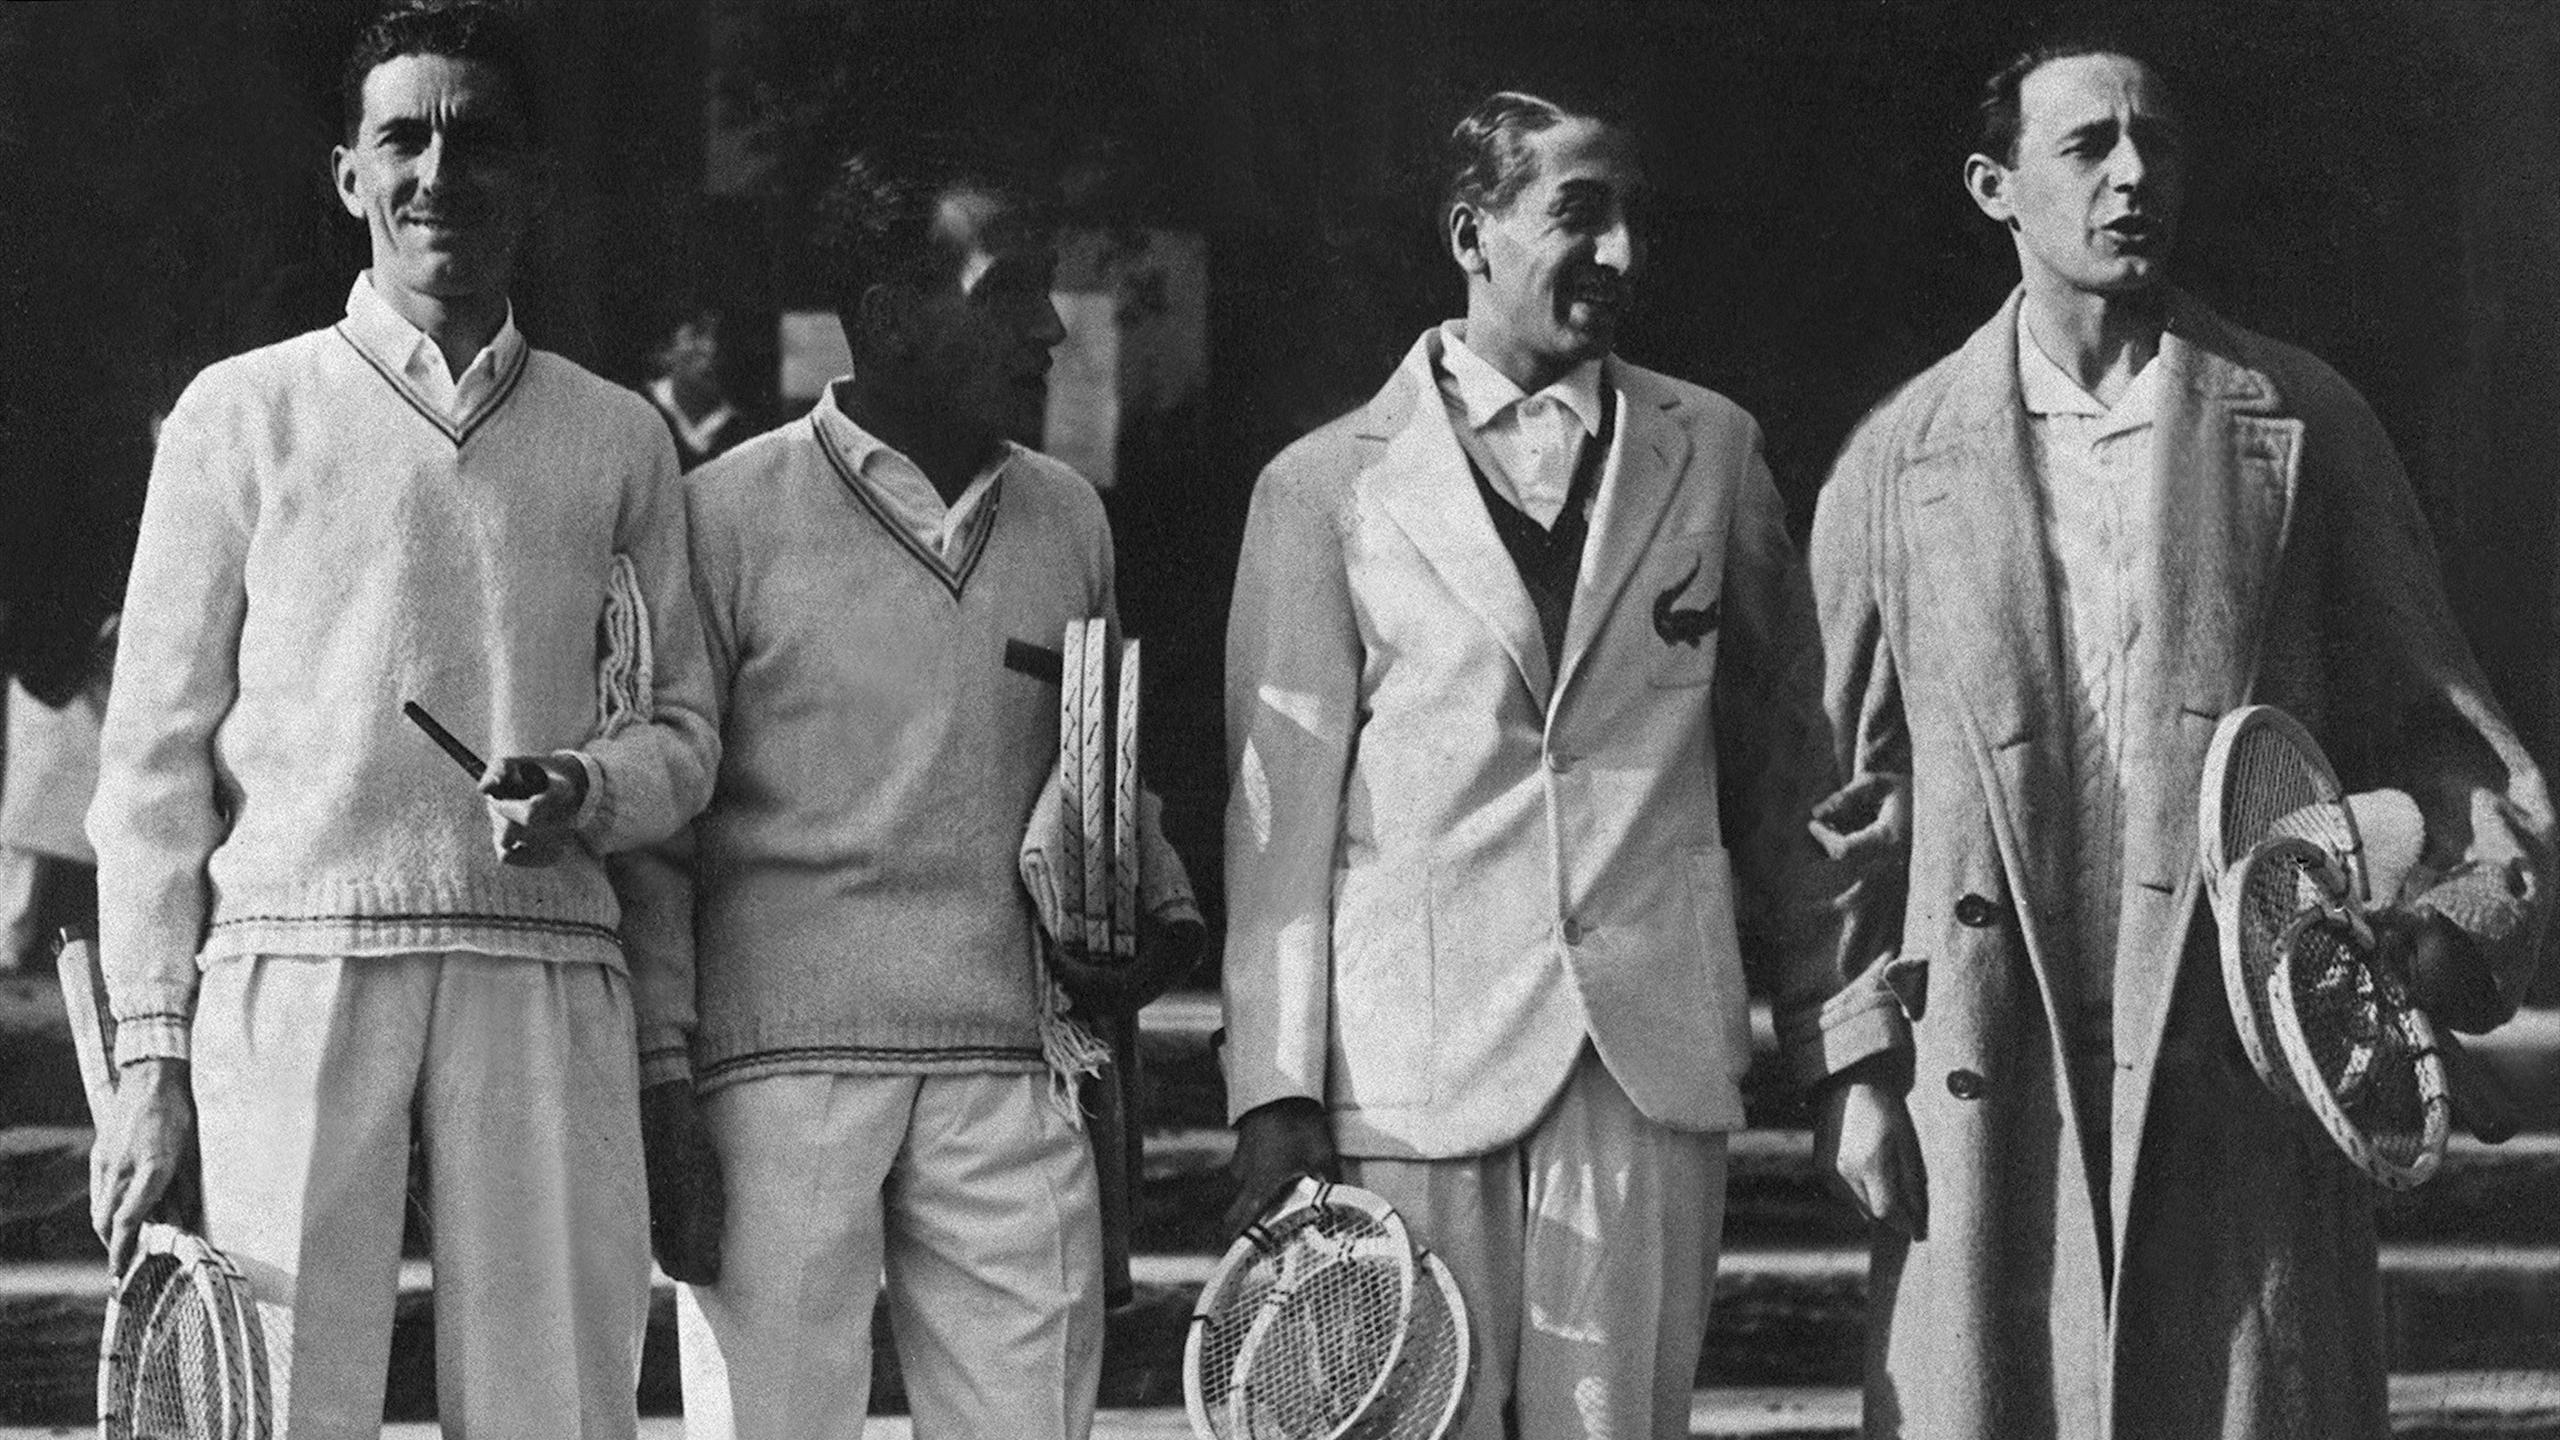 Les Mousquetaires français de Coupe Davis dans les années 30 - Brugnon, Cochet, Lacoste et Borotra